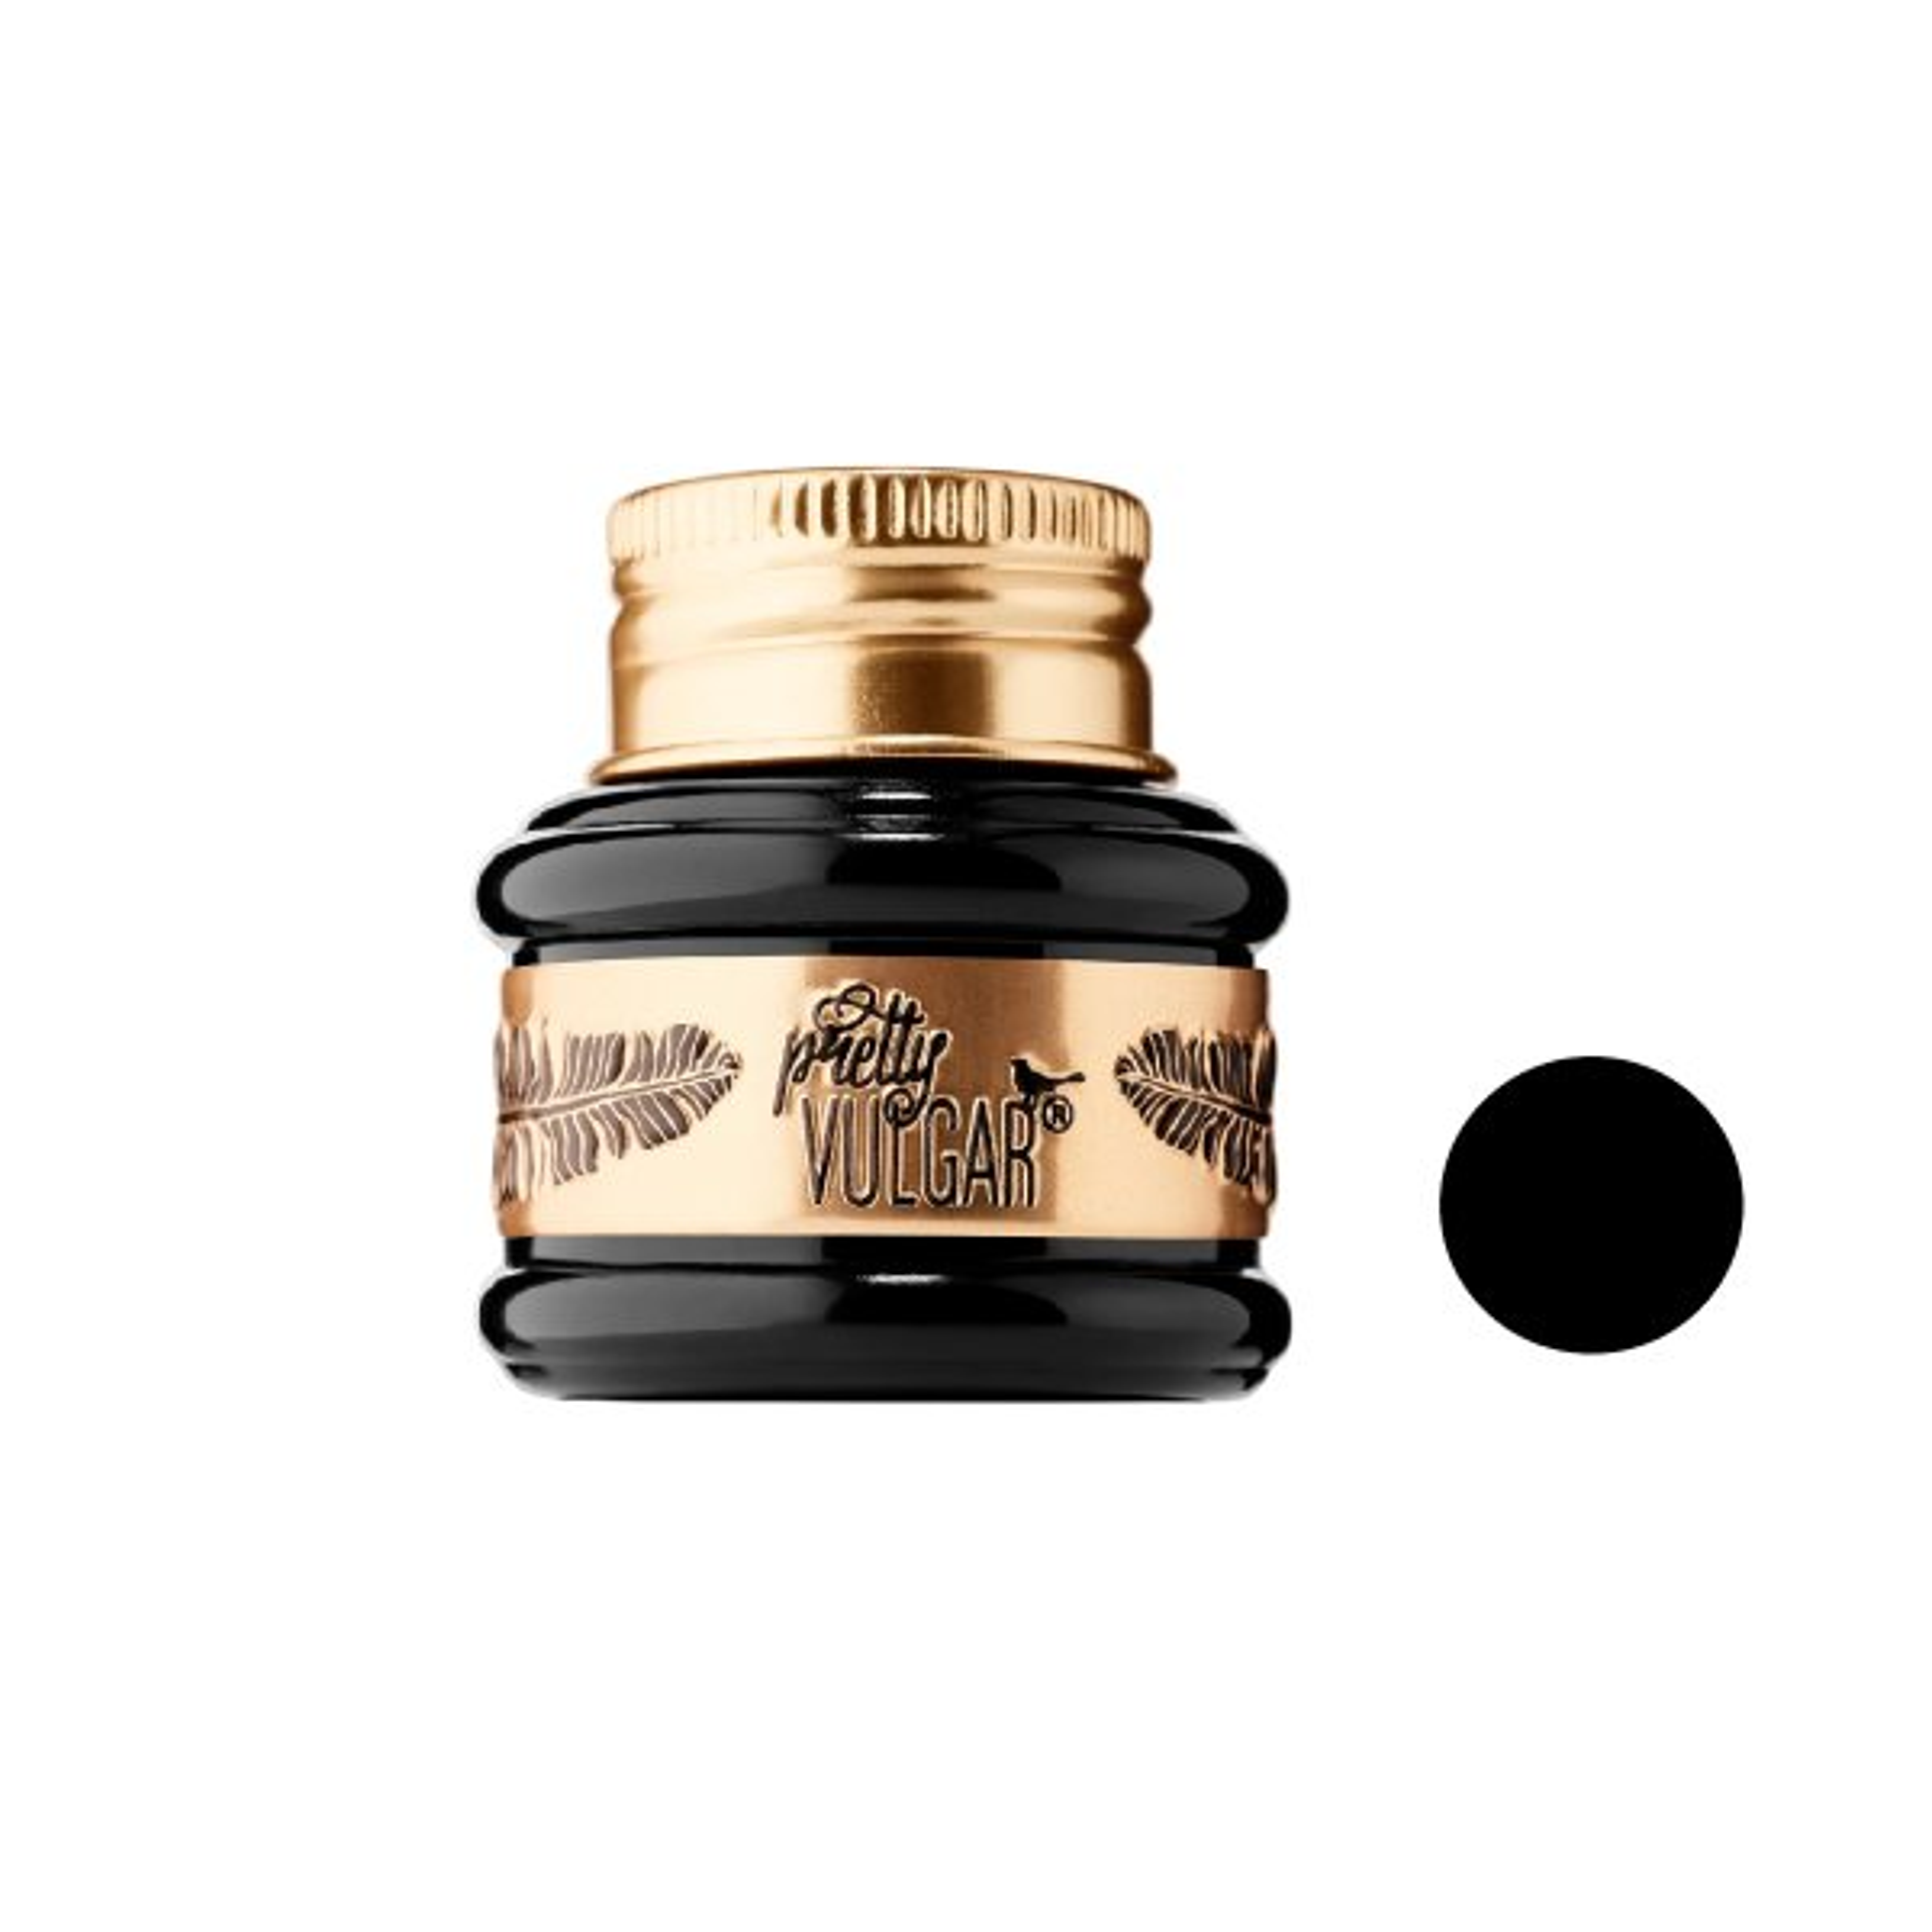 خط چشم پرتی وولگار مدل The Ink شماره 01